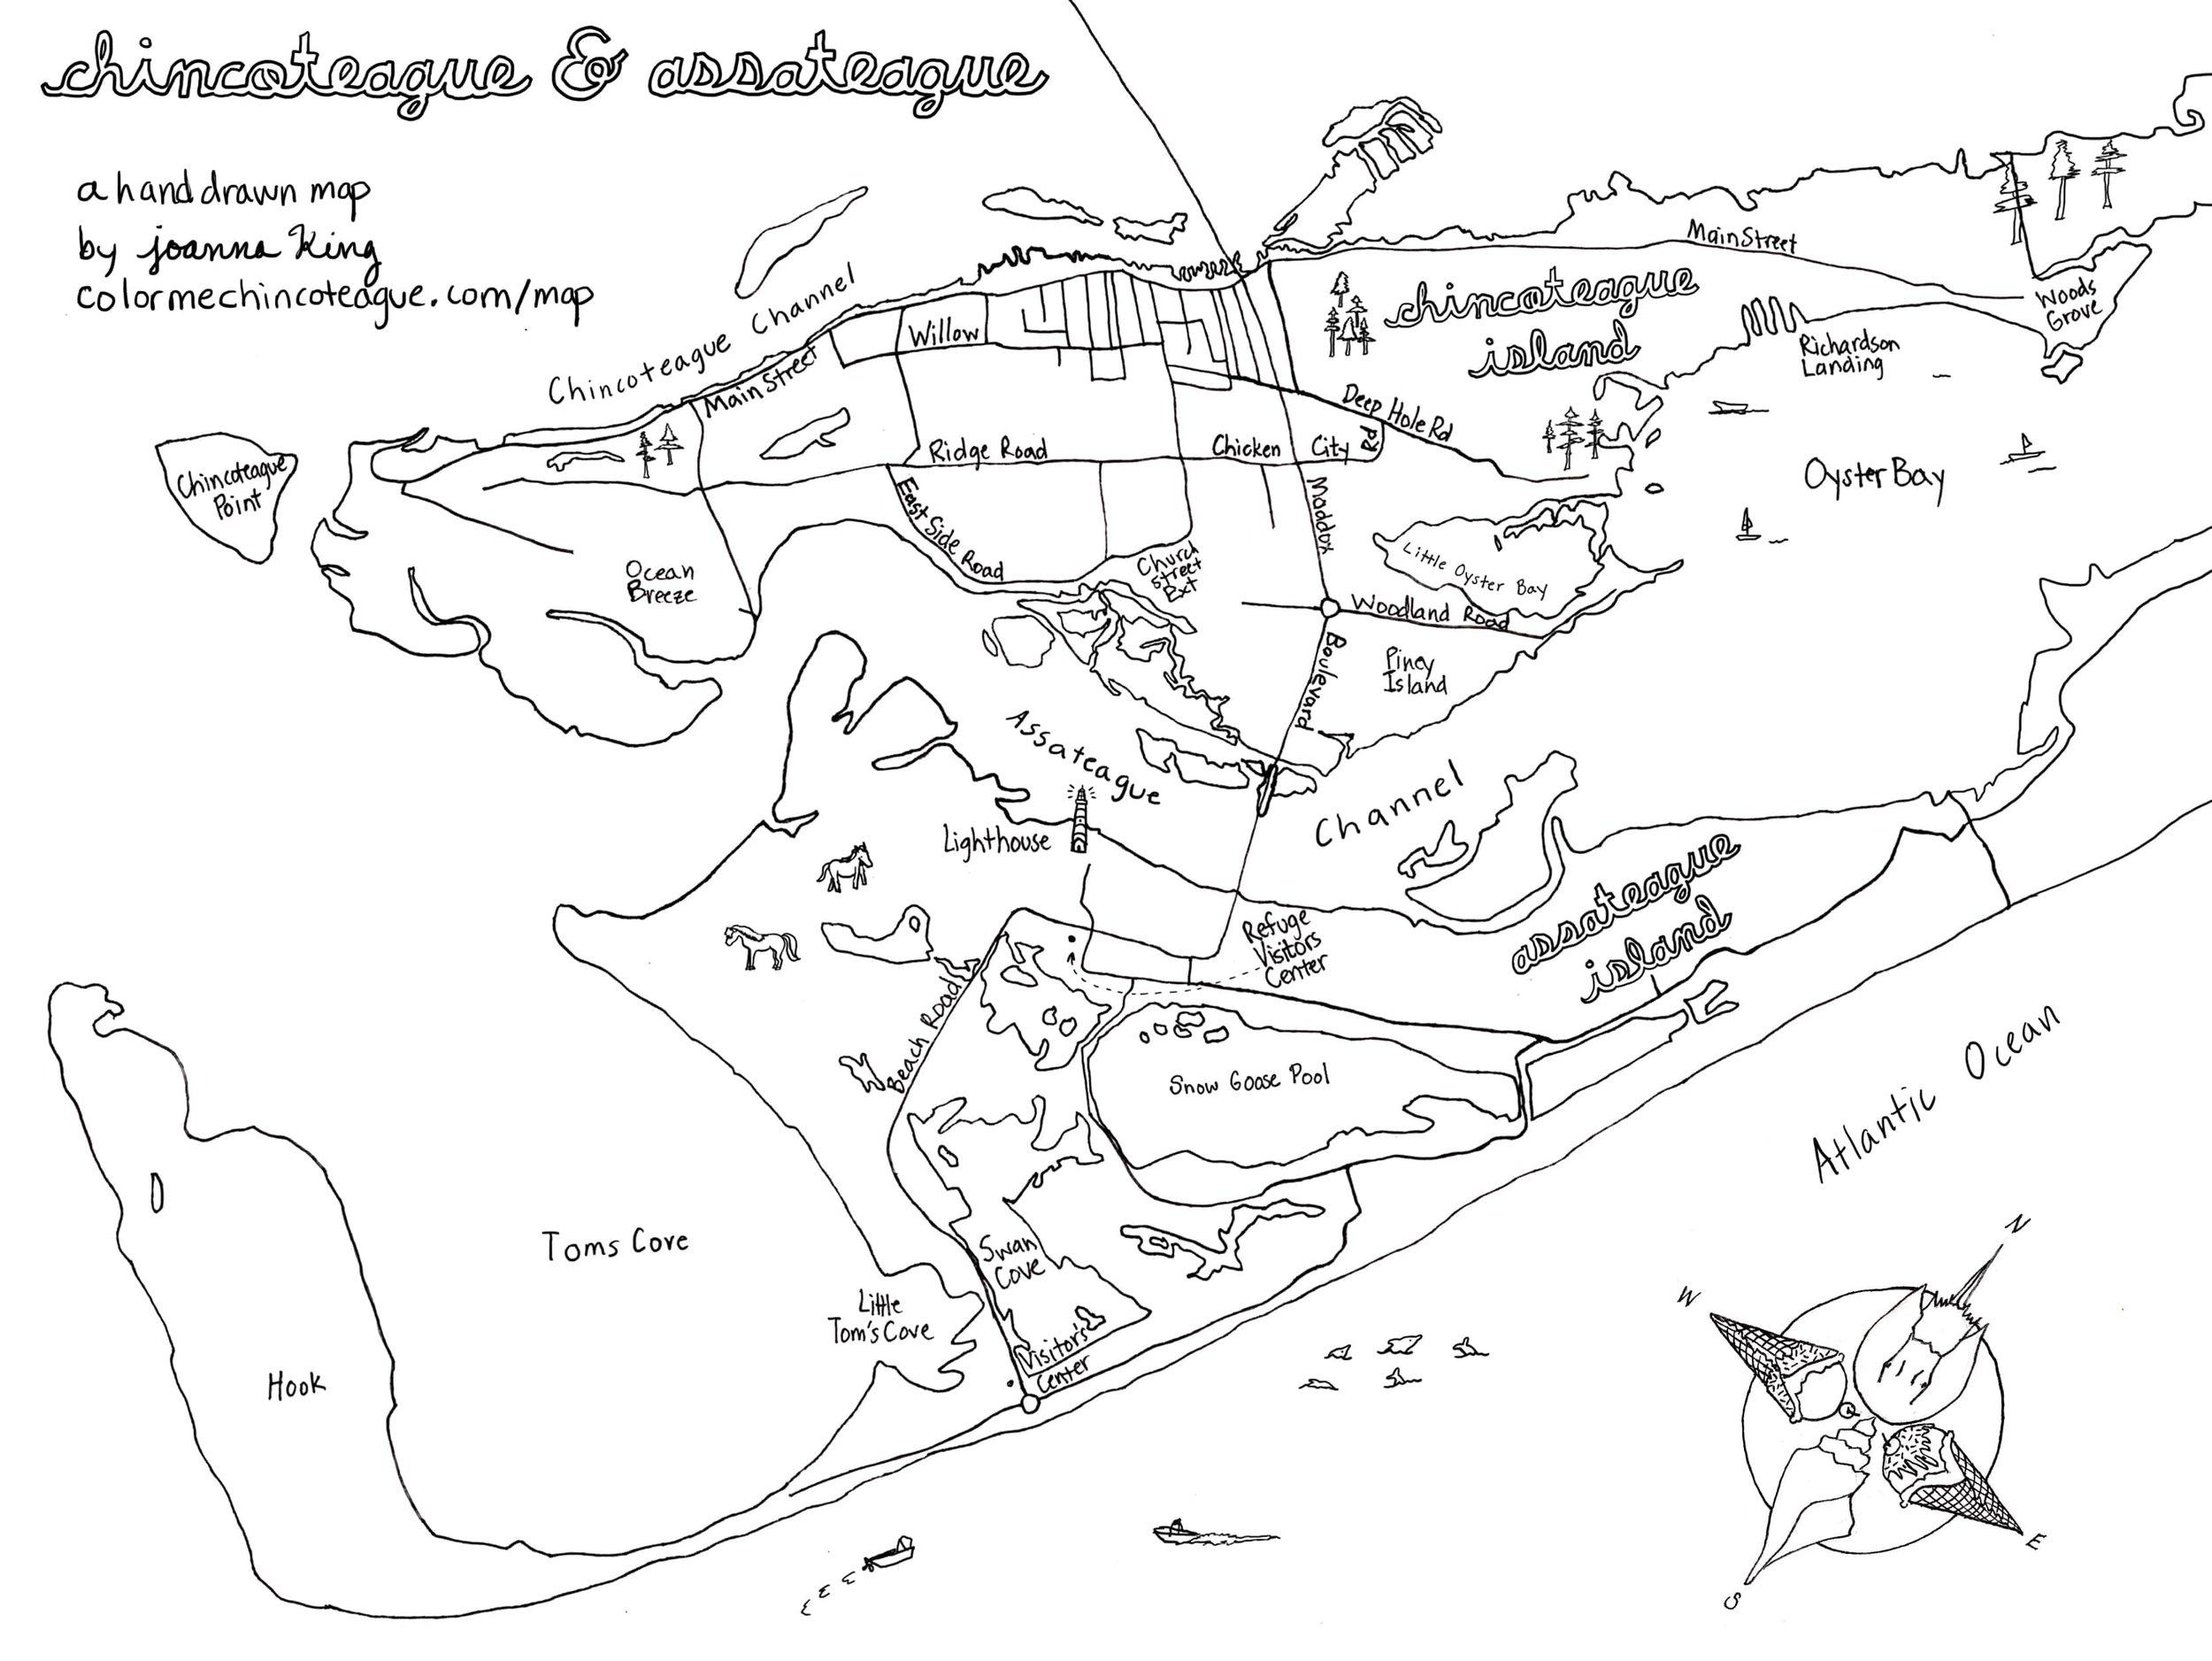 Chincoteague + Assateague Map black and white.jpg